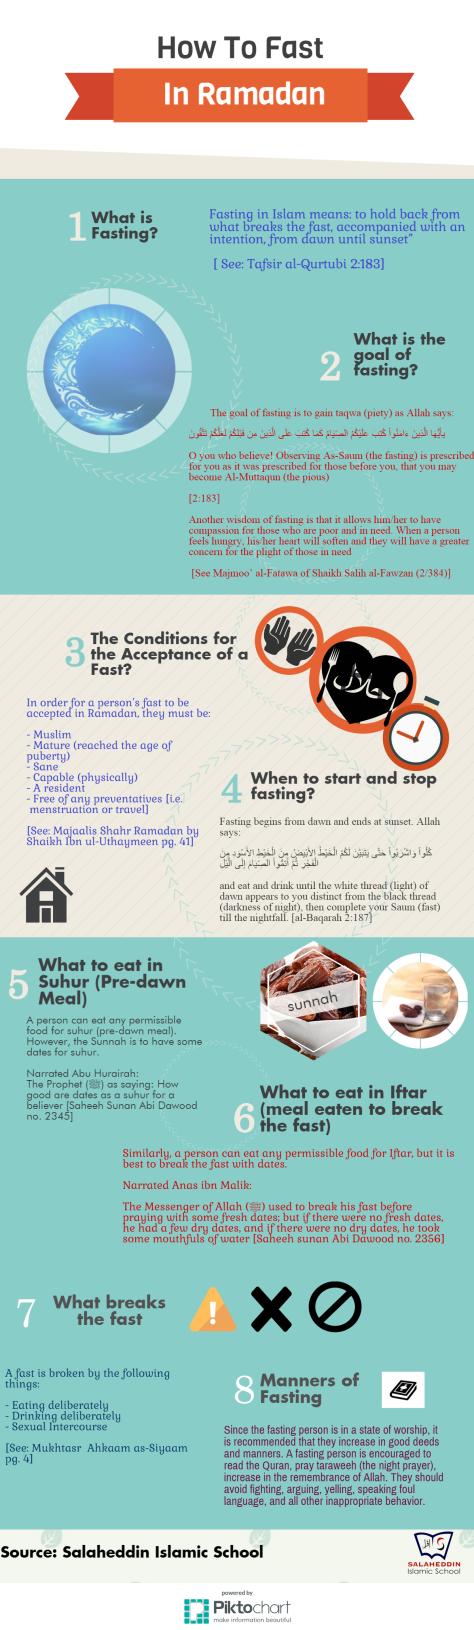 how-to-fast-in-ramadan2-2